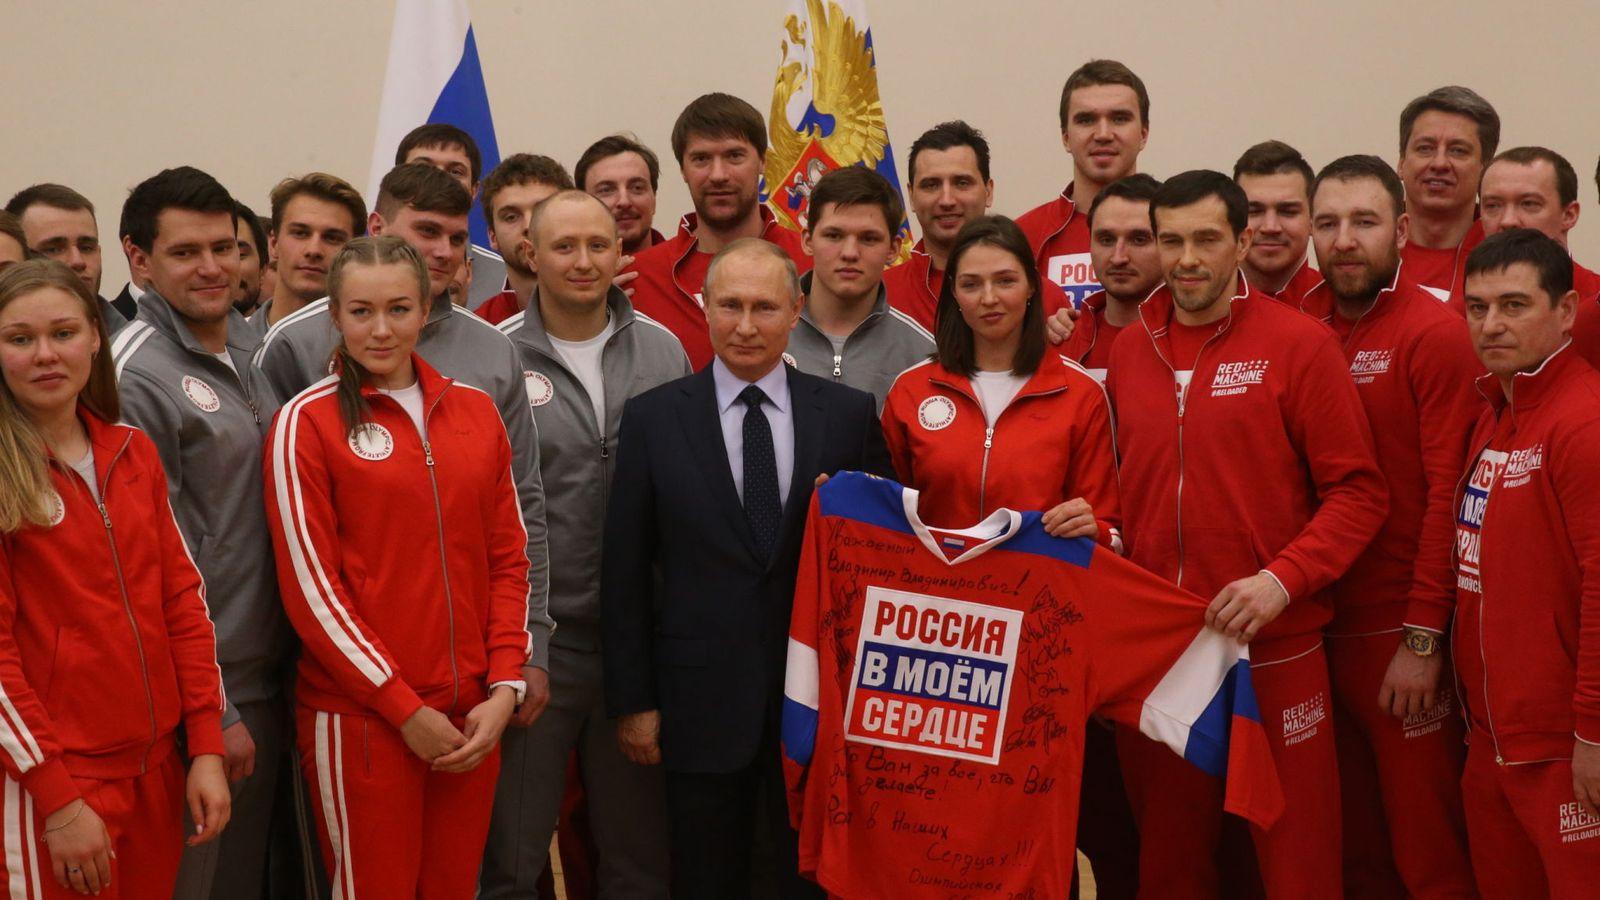 Russian Ban